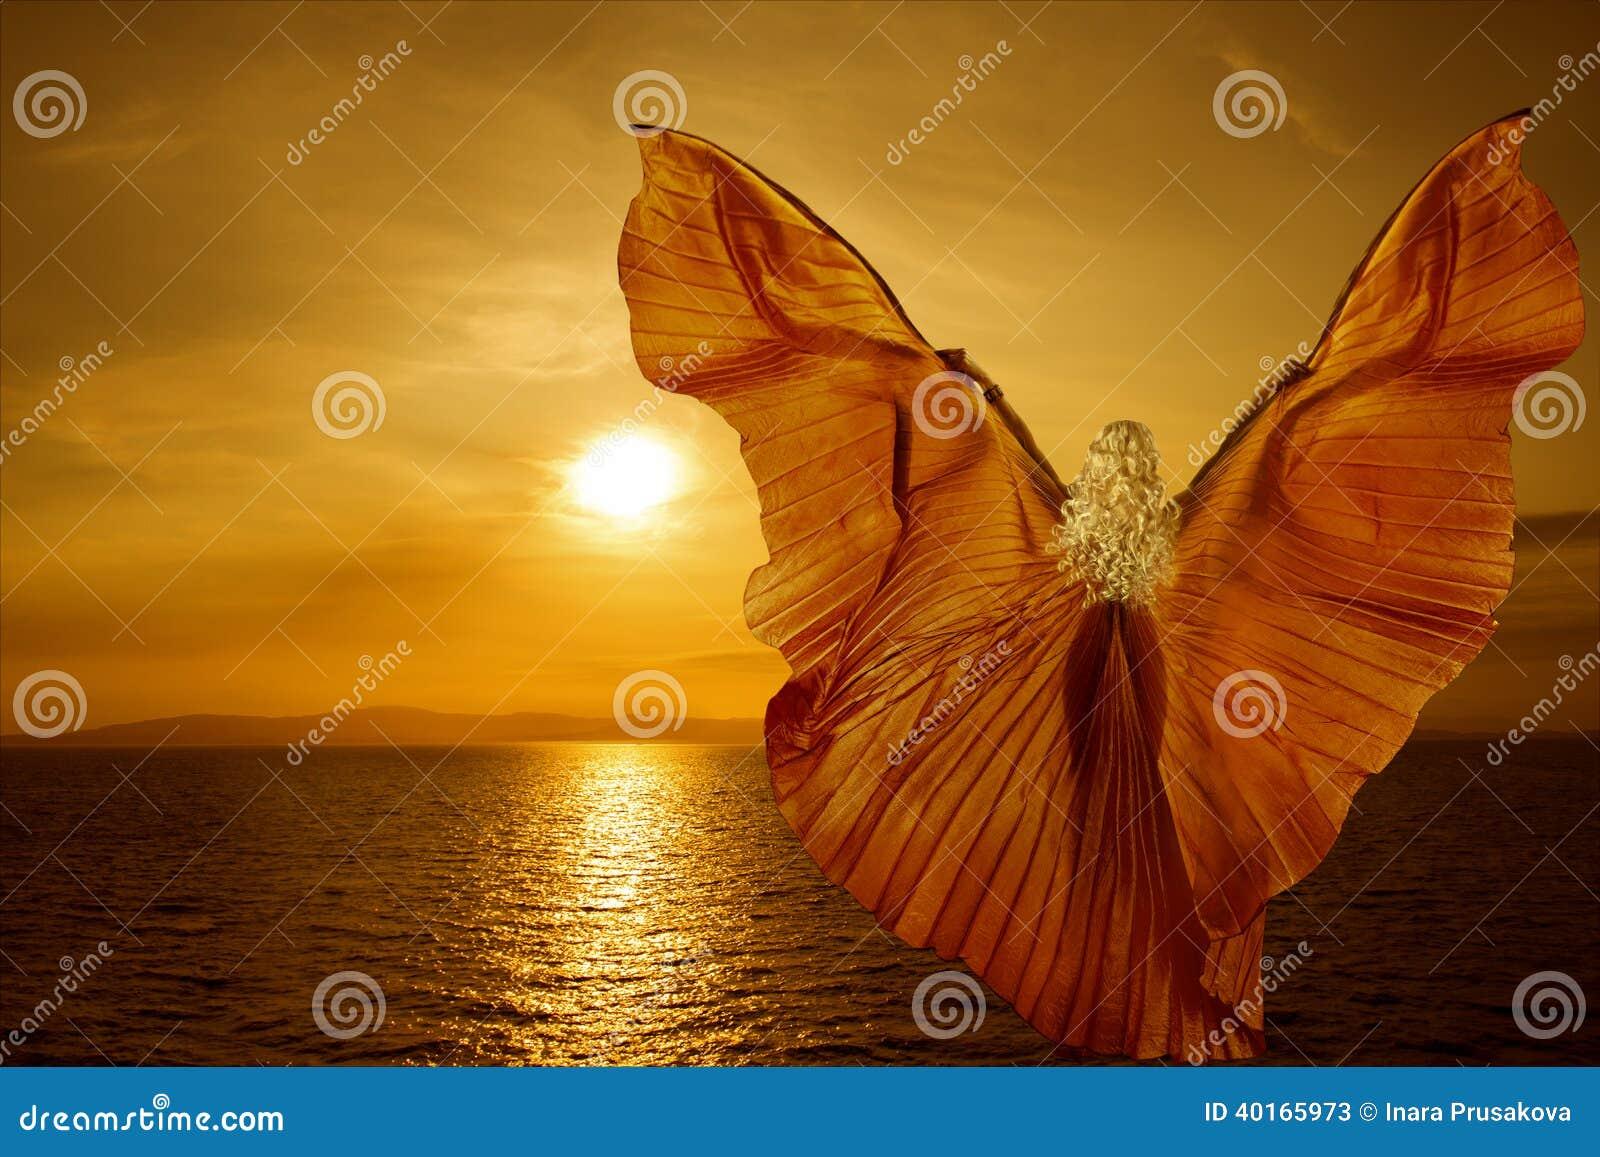 Frau mit Schmetterling beflügelt Fliegen auf Fantasieseesonnenuntergang